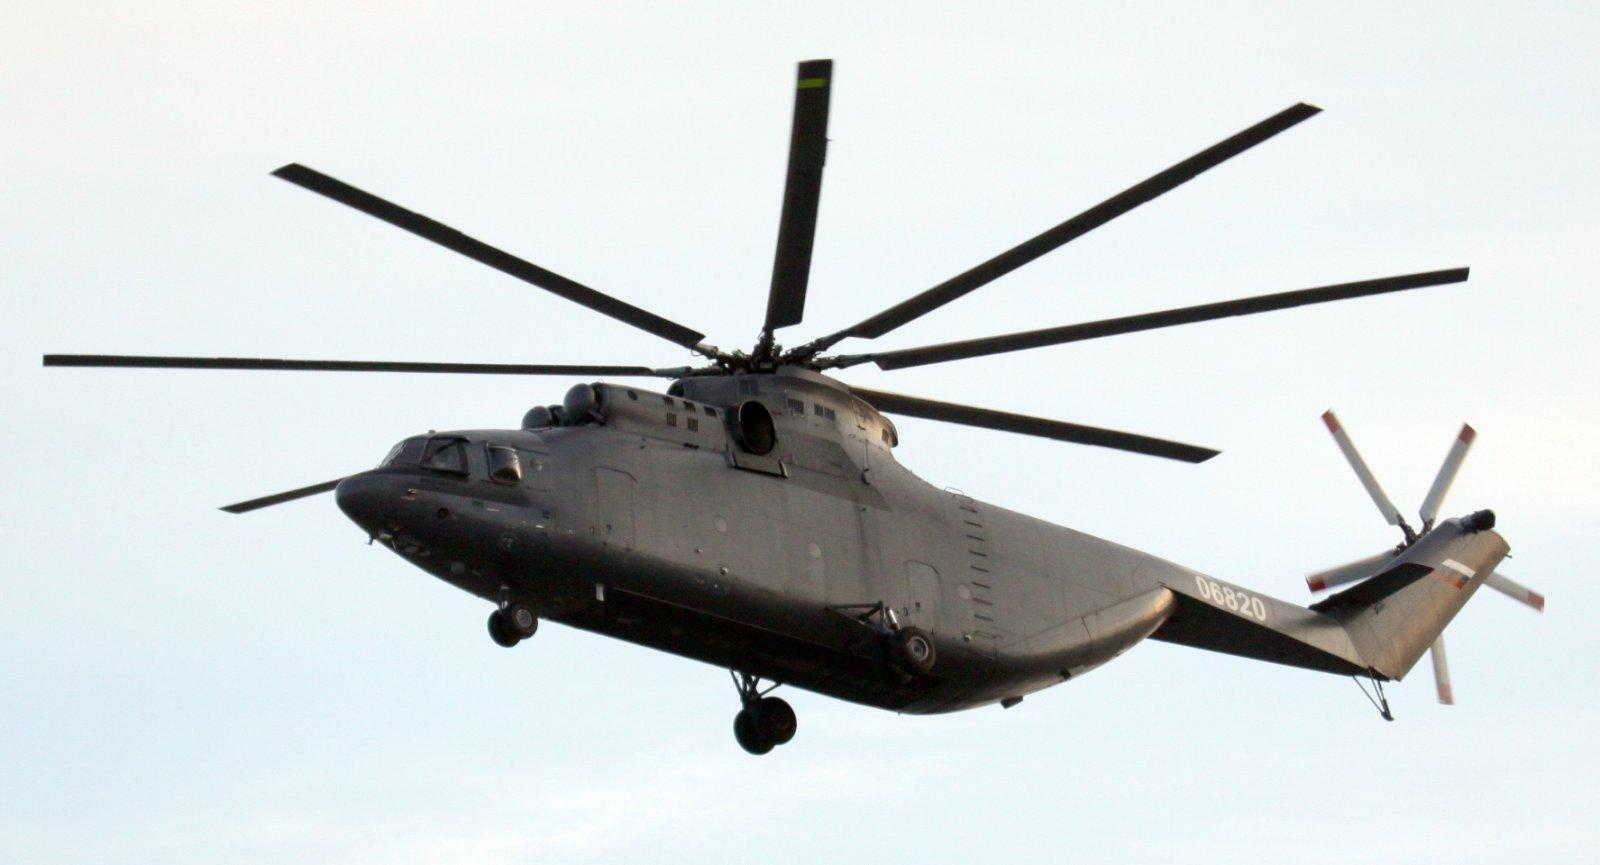 Иордания получила второй вертолет Ми-26Т2 Ми26Т2, Иордании, номер, регистрационный, вертолет, Второй, вертолета, вертолетов, 06820, транспортный, тяжелый, первый, окраску, темносерую, АмманМарка, серийный, Роствертоле, построенный, полет, контракту